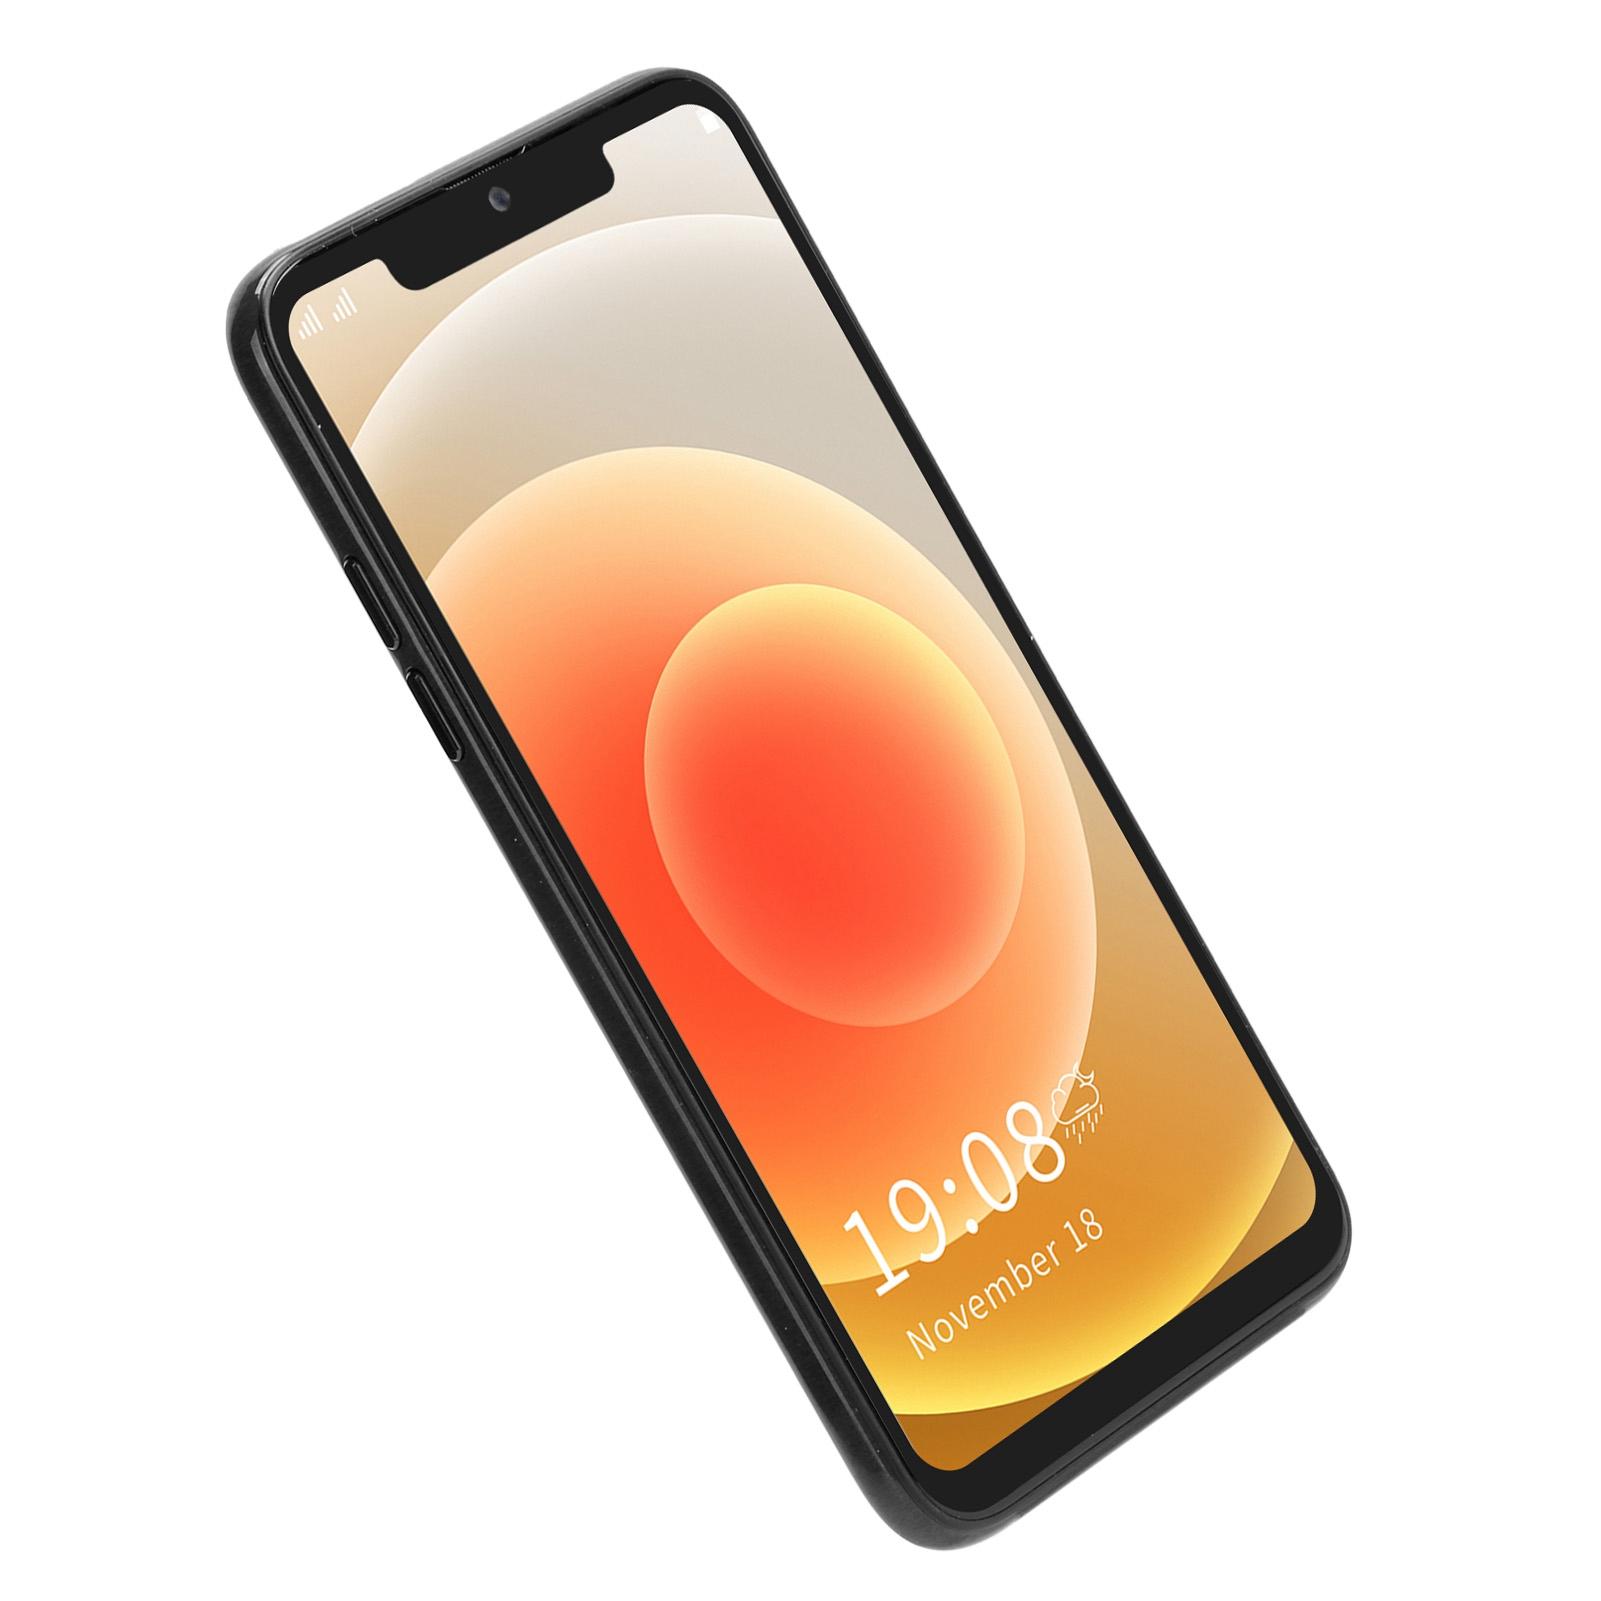 """miniature 23 - 6.5"""" Smartphone 1 Go 16 Go Mobile Phone Dual SIM avant arrière double caméra Android"""